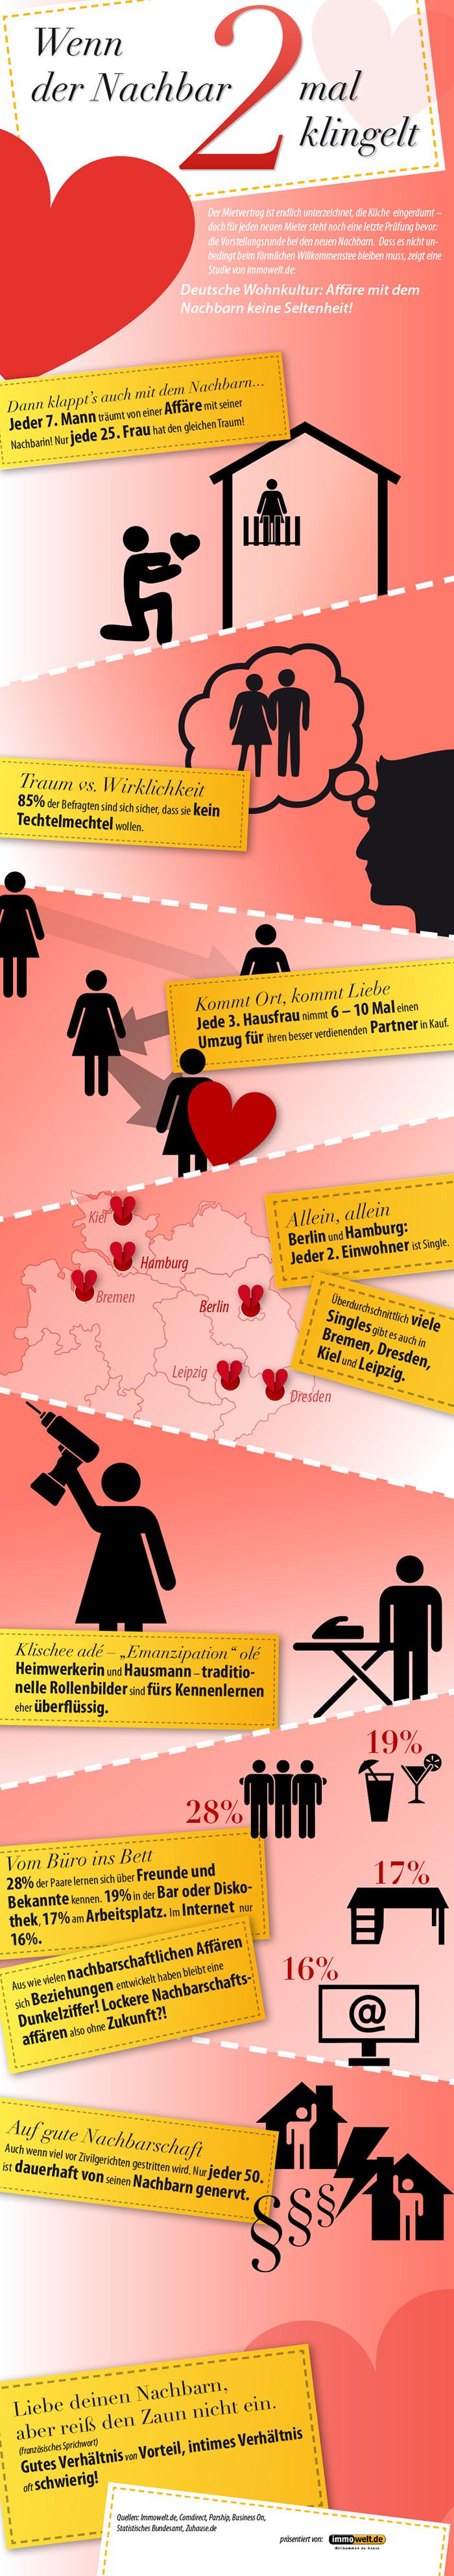 Lohnt sich eine Affäre mit dem Nachbarn? Infografik der Immowelt AG